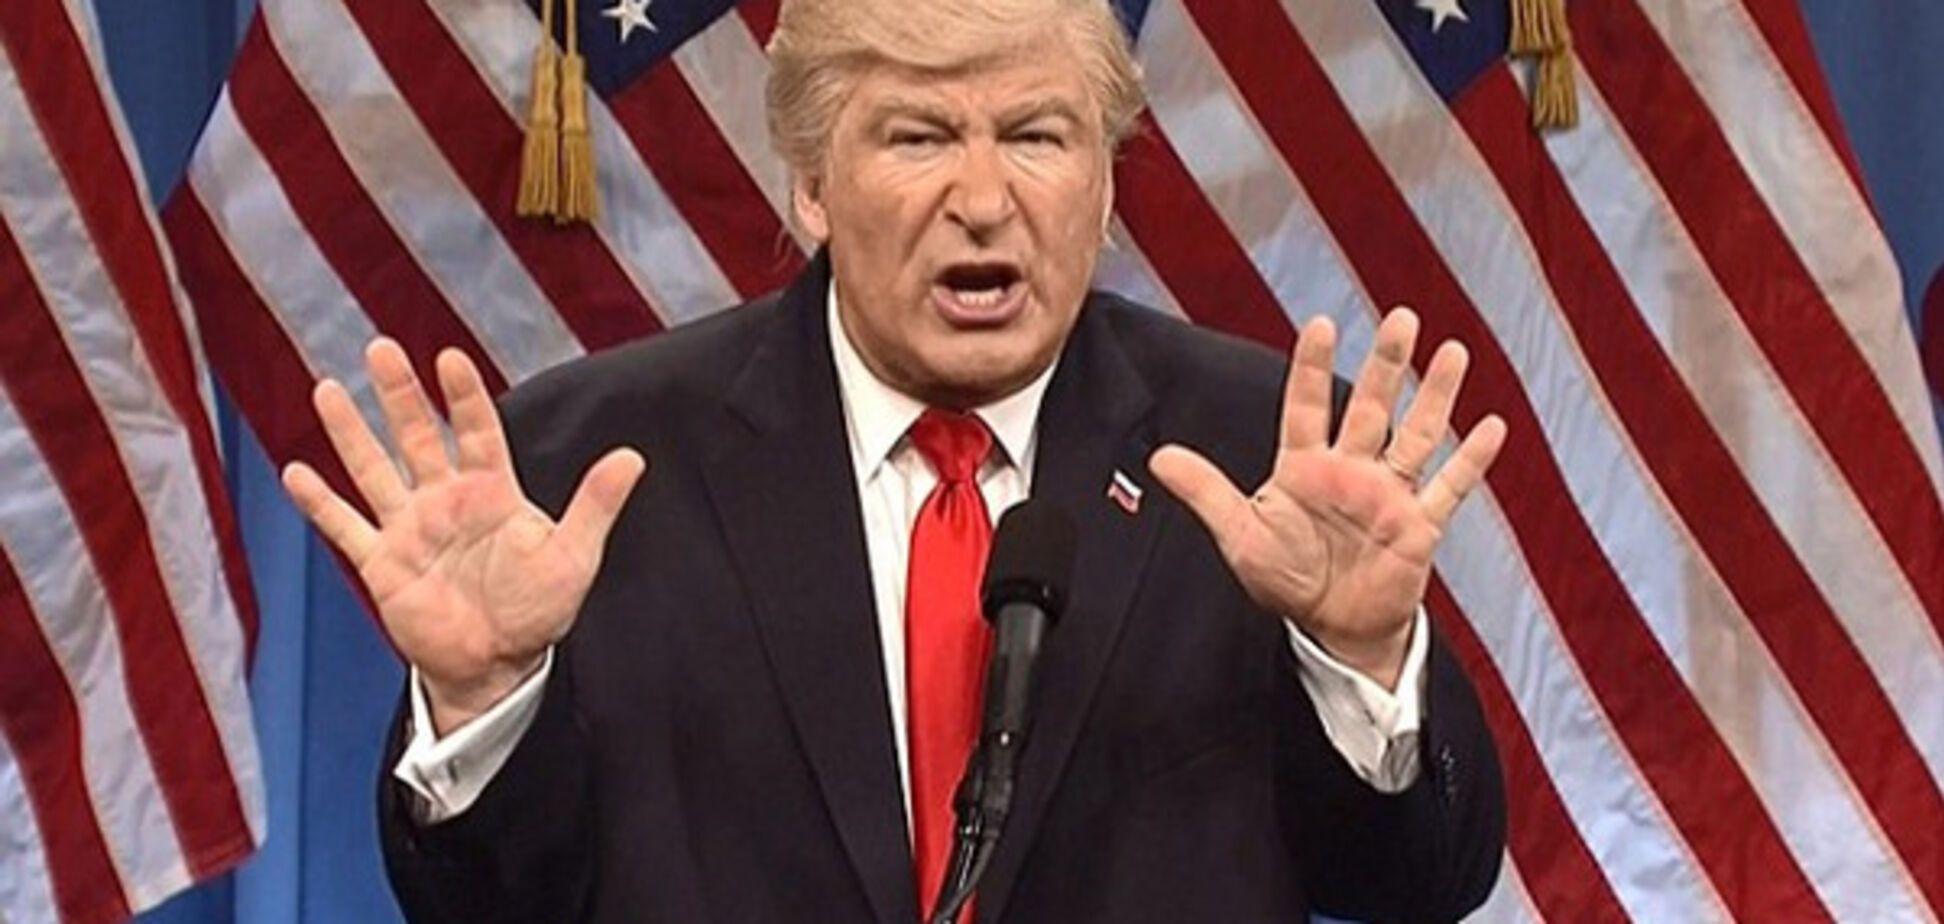 Трамп в исполнении Болдуина